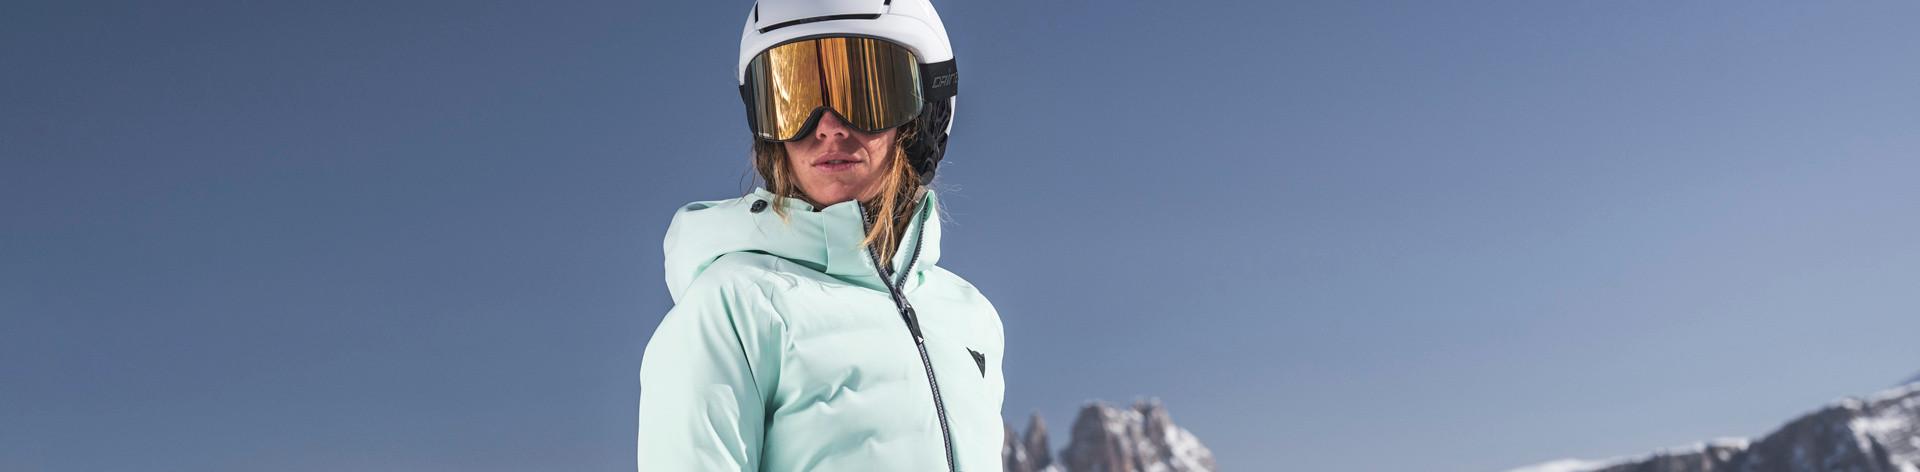 Dainese Winter Sports woman downjackets